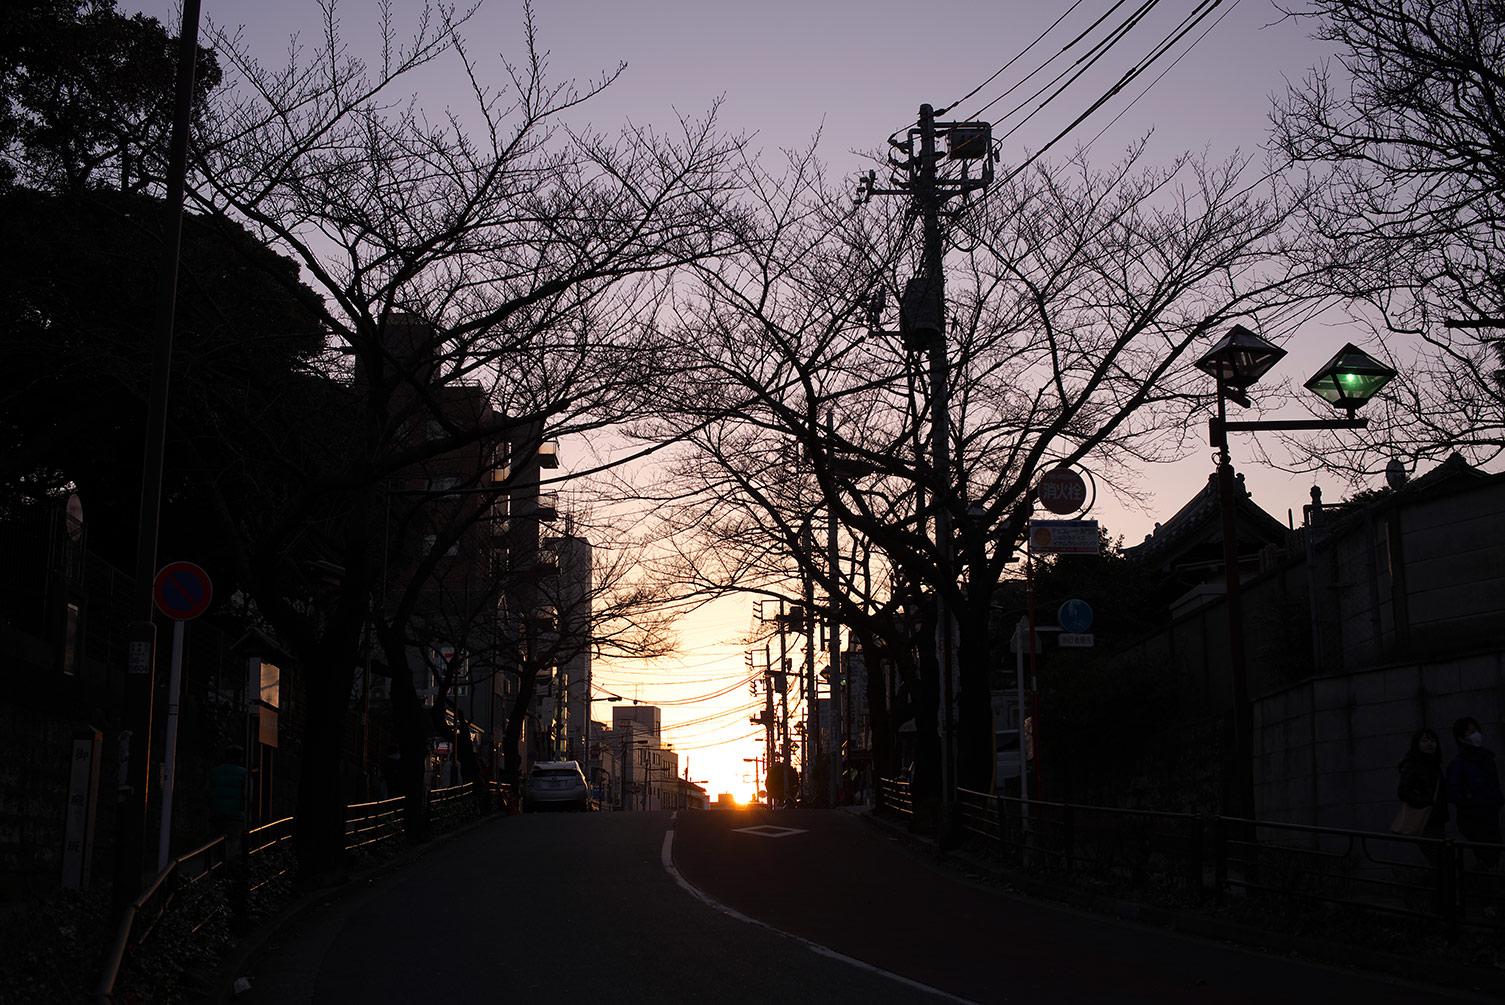 夕暮れの坂道_f0121181_1451445.jpg